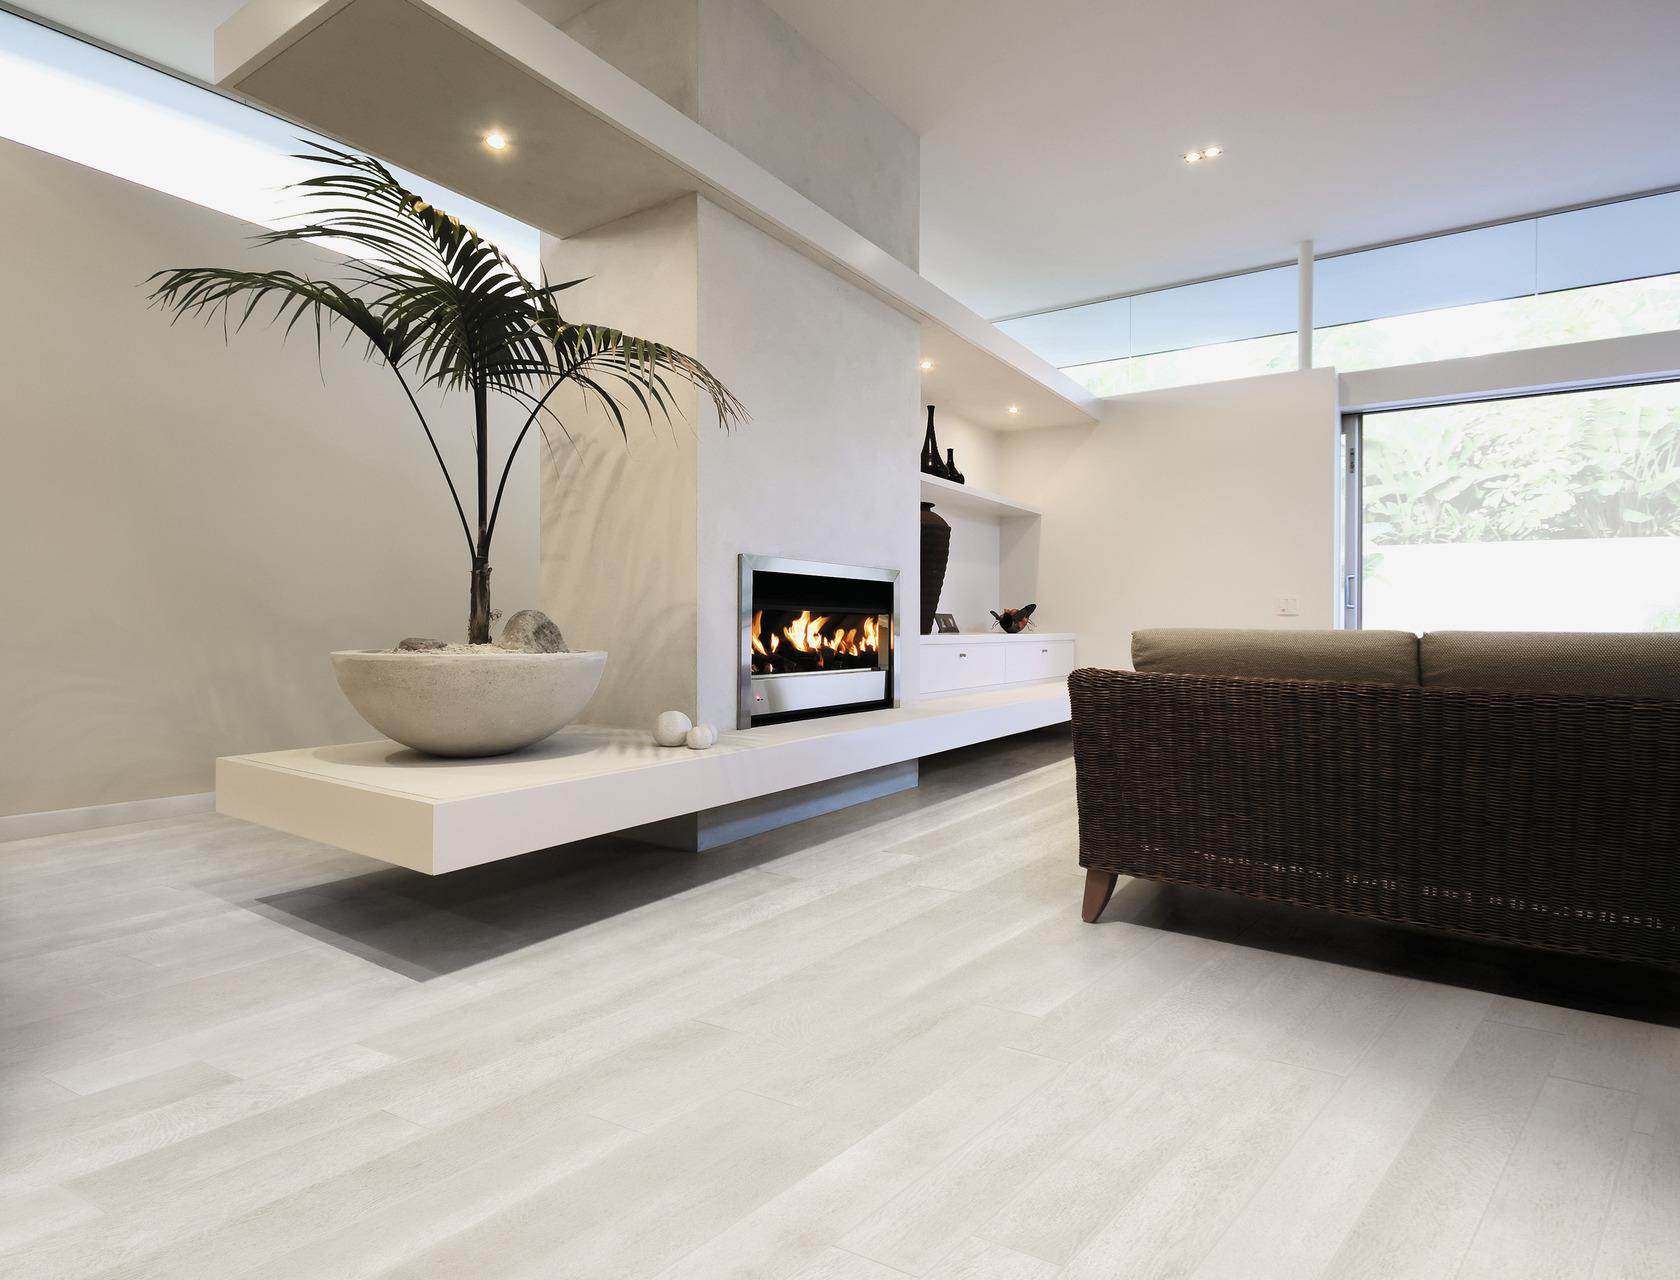 Legno Bianco Sbiancato : Parquet bianco parquet arredare la casa con il parquet bianco